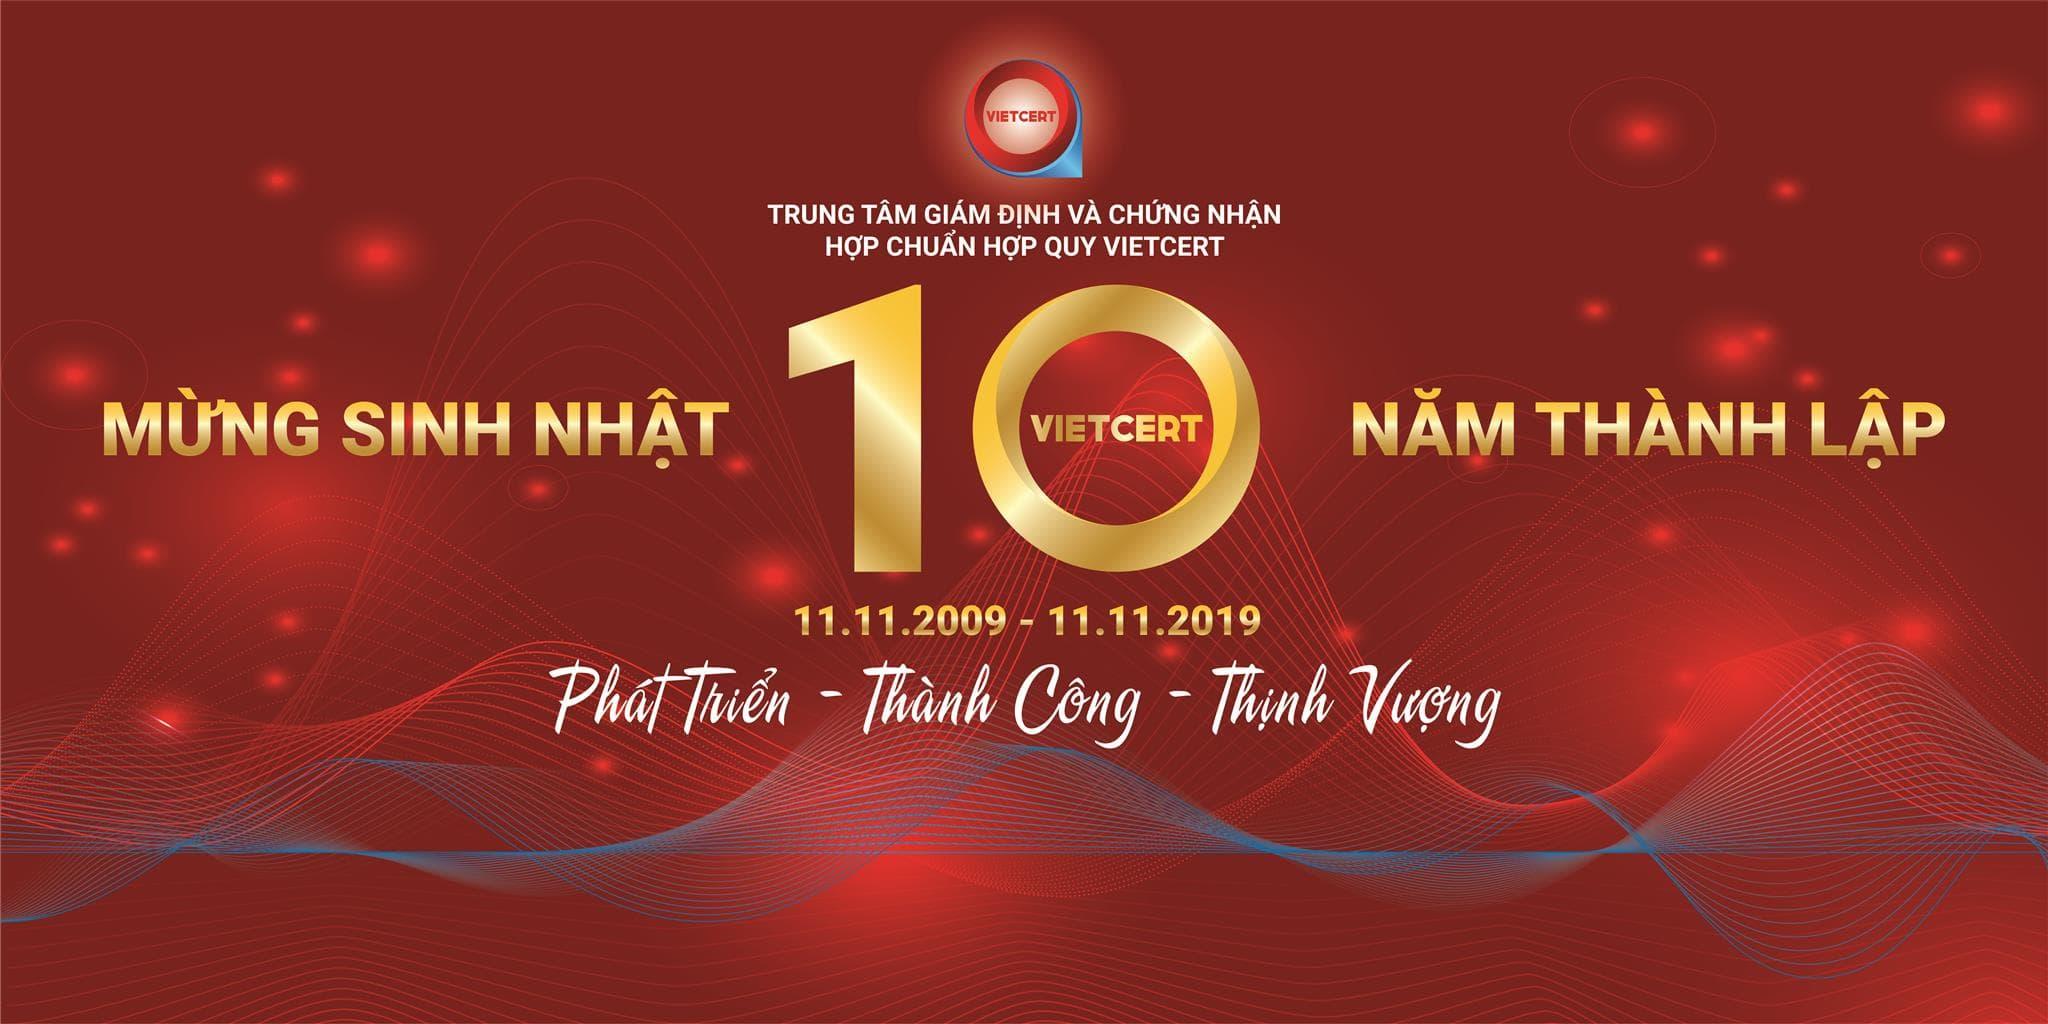 VietCert tổ chức Lễ kỷ niệm 10 năm ngày thành lập